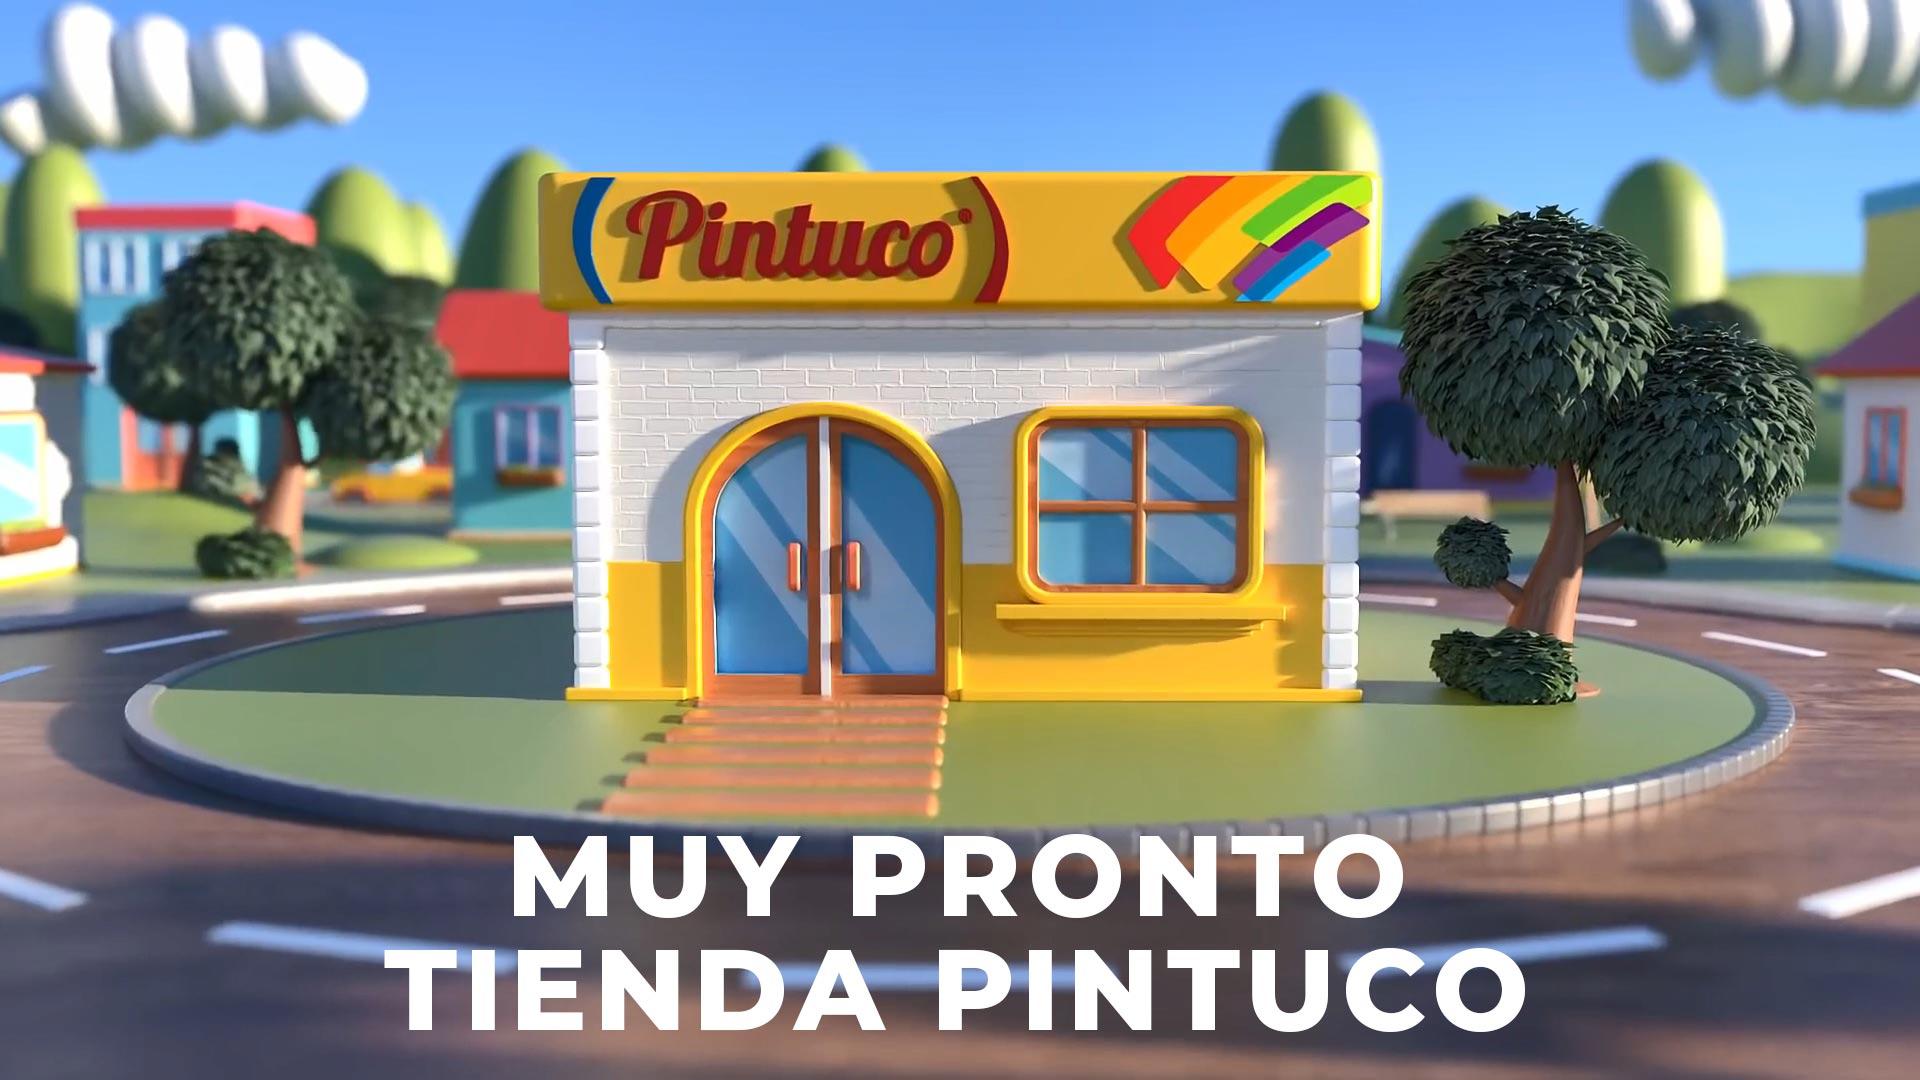 TIENDA-PINTUCO-WEB